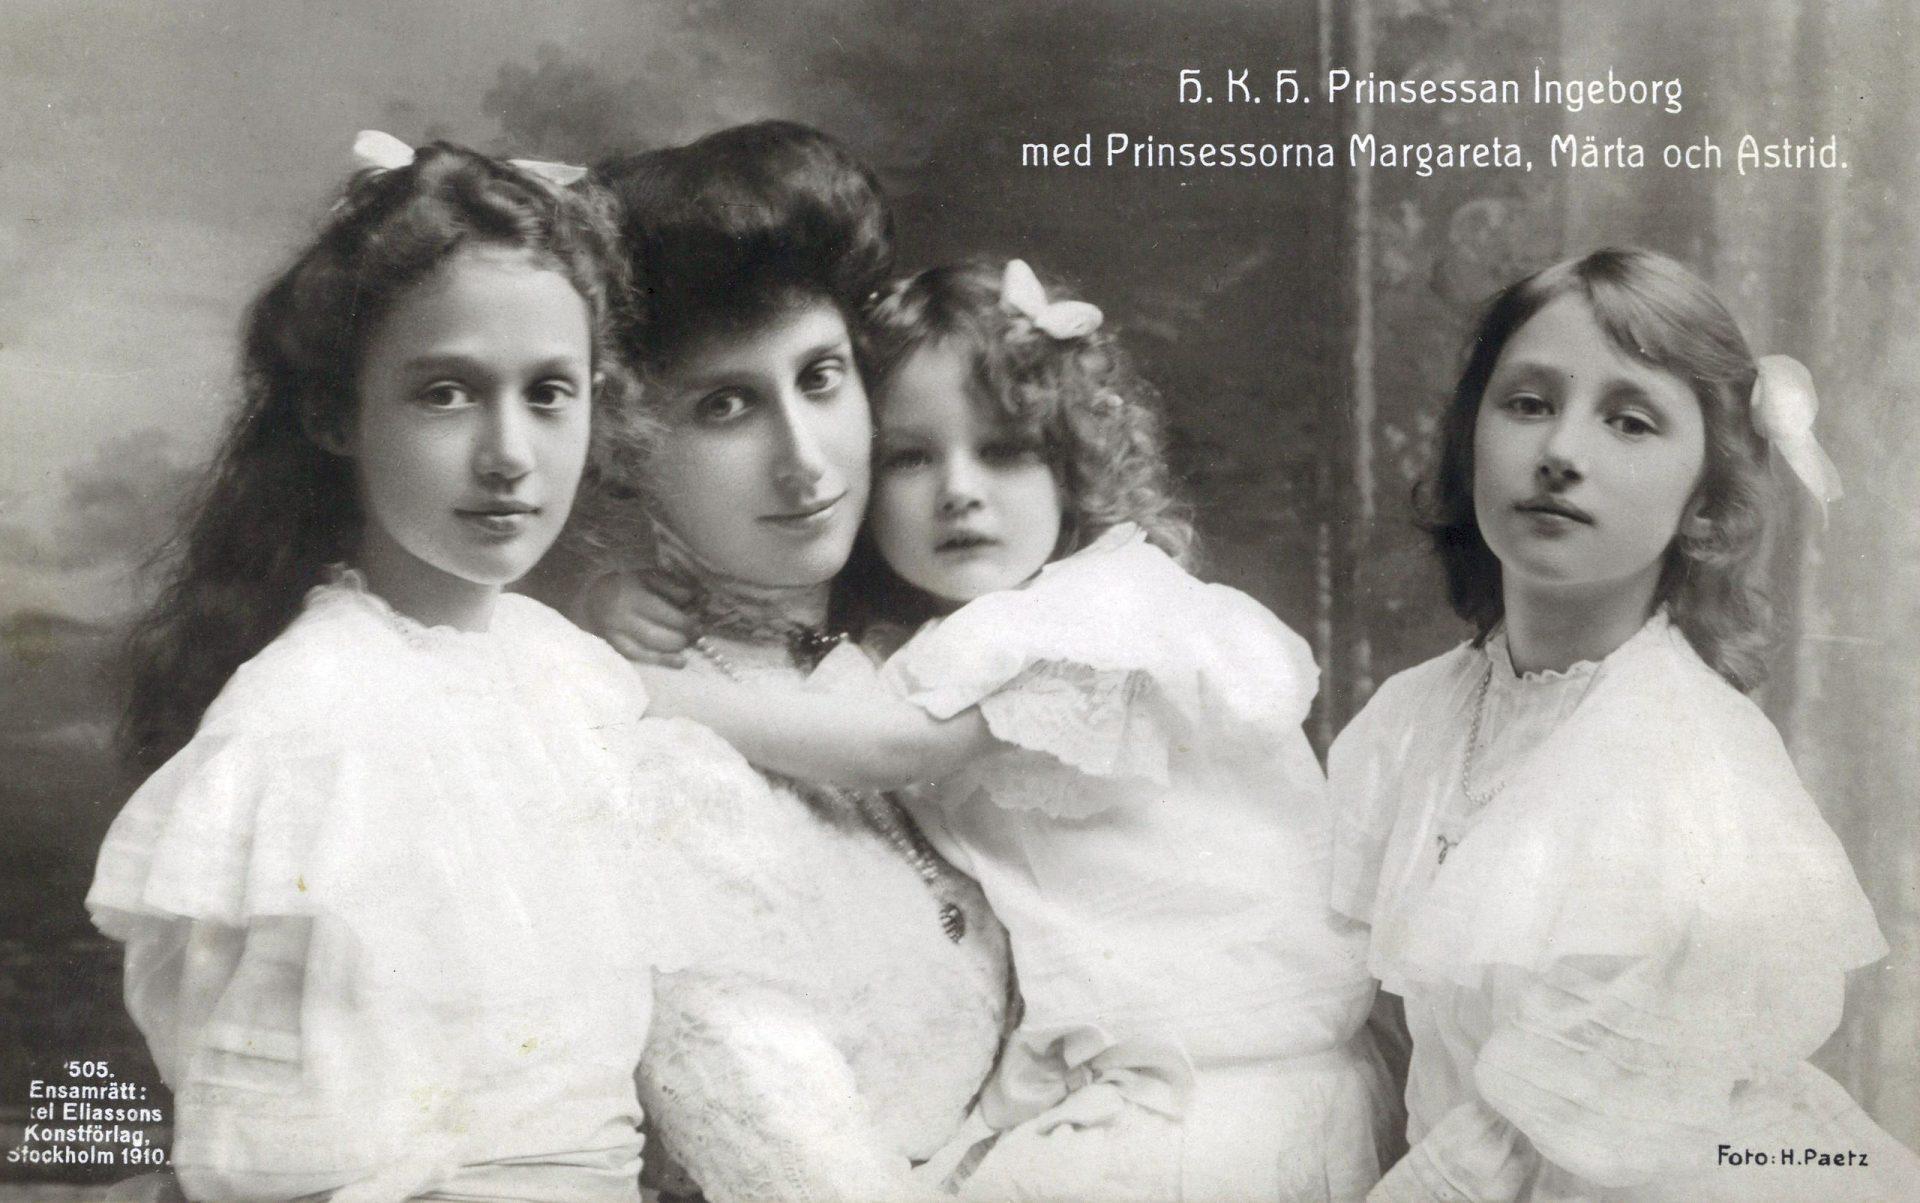 H._K._H._Prinsessan_Ingeborg_med_Prinsessorna_Margareta,_Märta_och_Astrid_(1910)